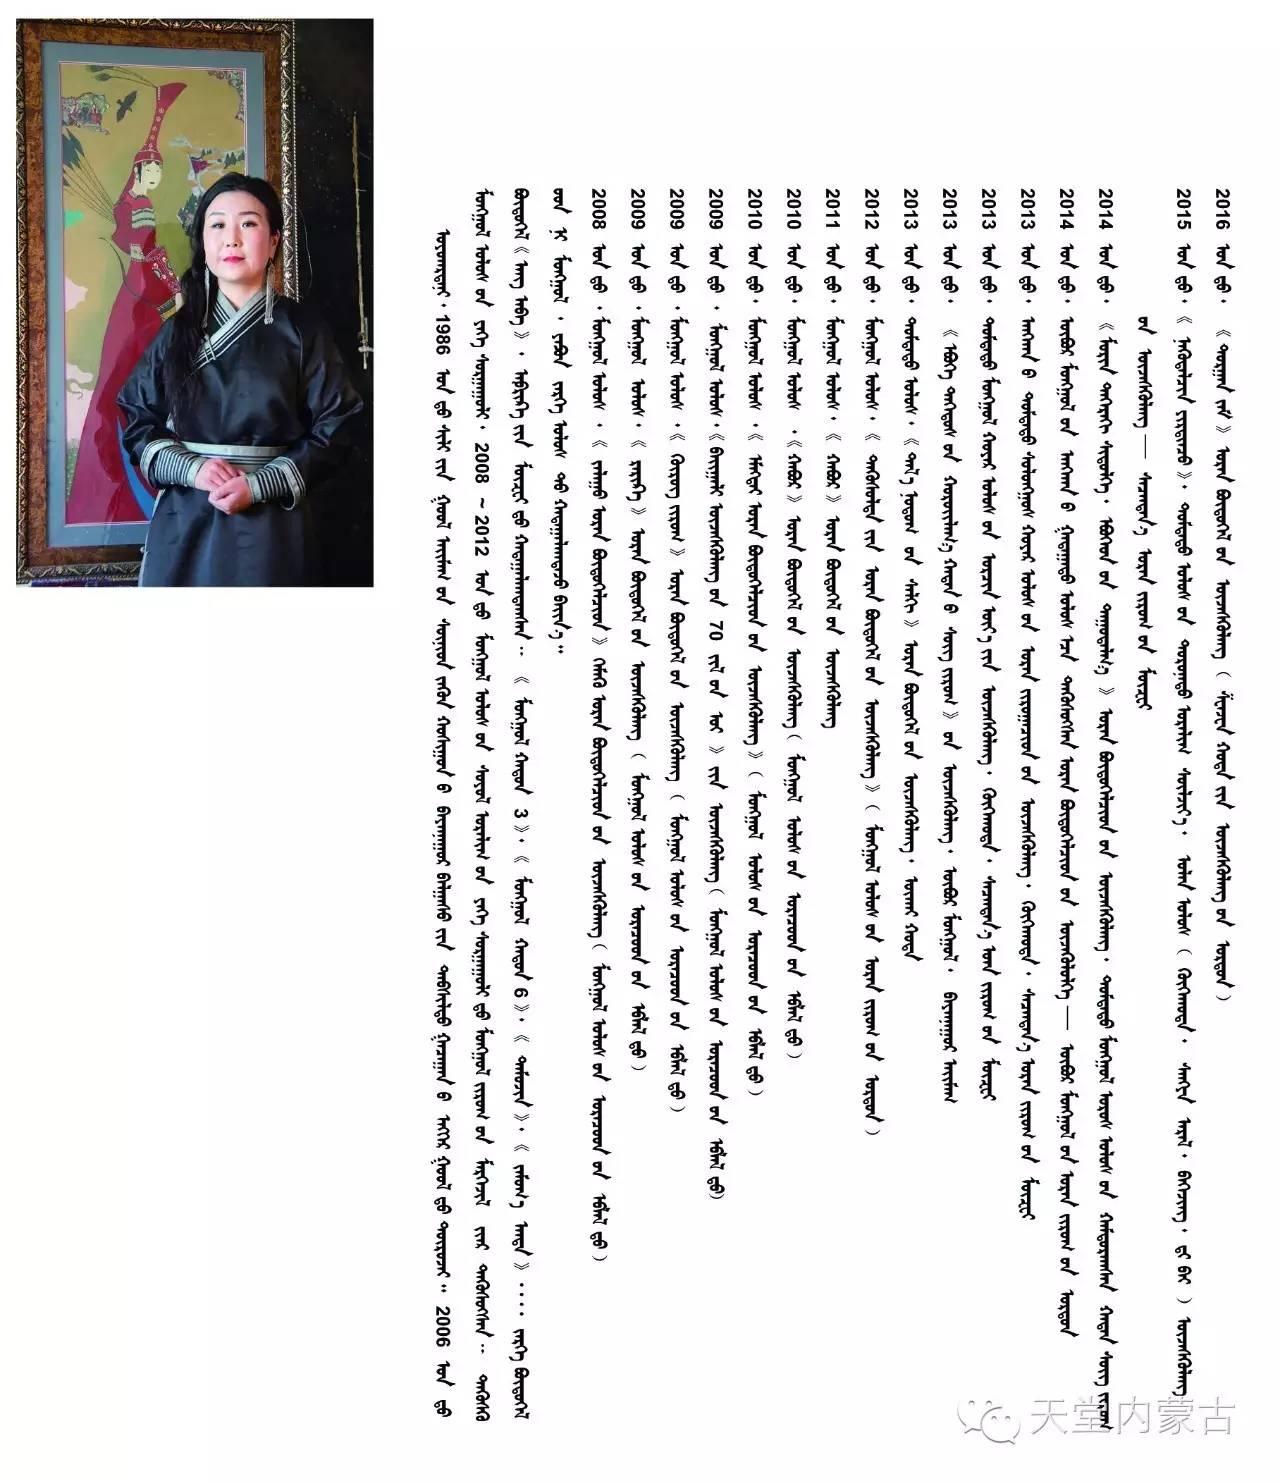 🔴内蒙古蒙古画艺术家乌云额尔德尼《故乡的呼唤》个人艺术展 第1张 🔴内蒙古蒙古画艺术家乌云额尔德尼《故乡的呼唤》个人艺术展 蒙古画廊